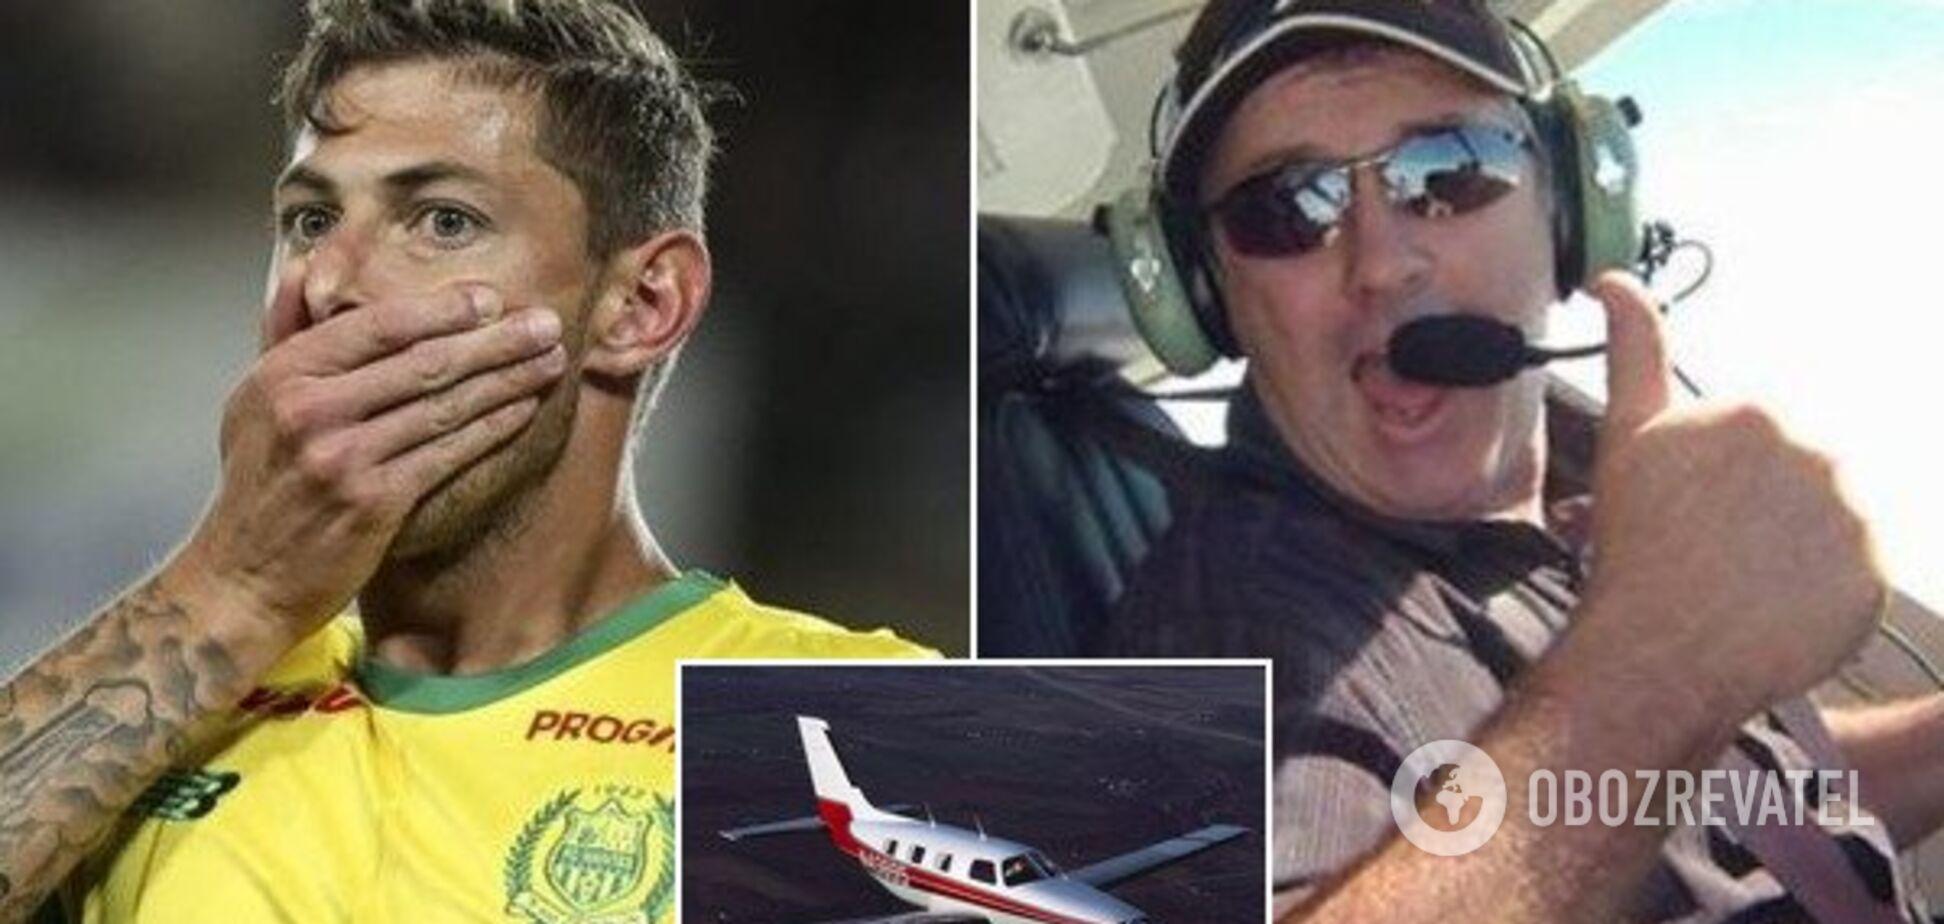 Выяснился сенсационный нюанс авиакатастрофы с Салой